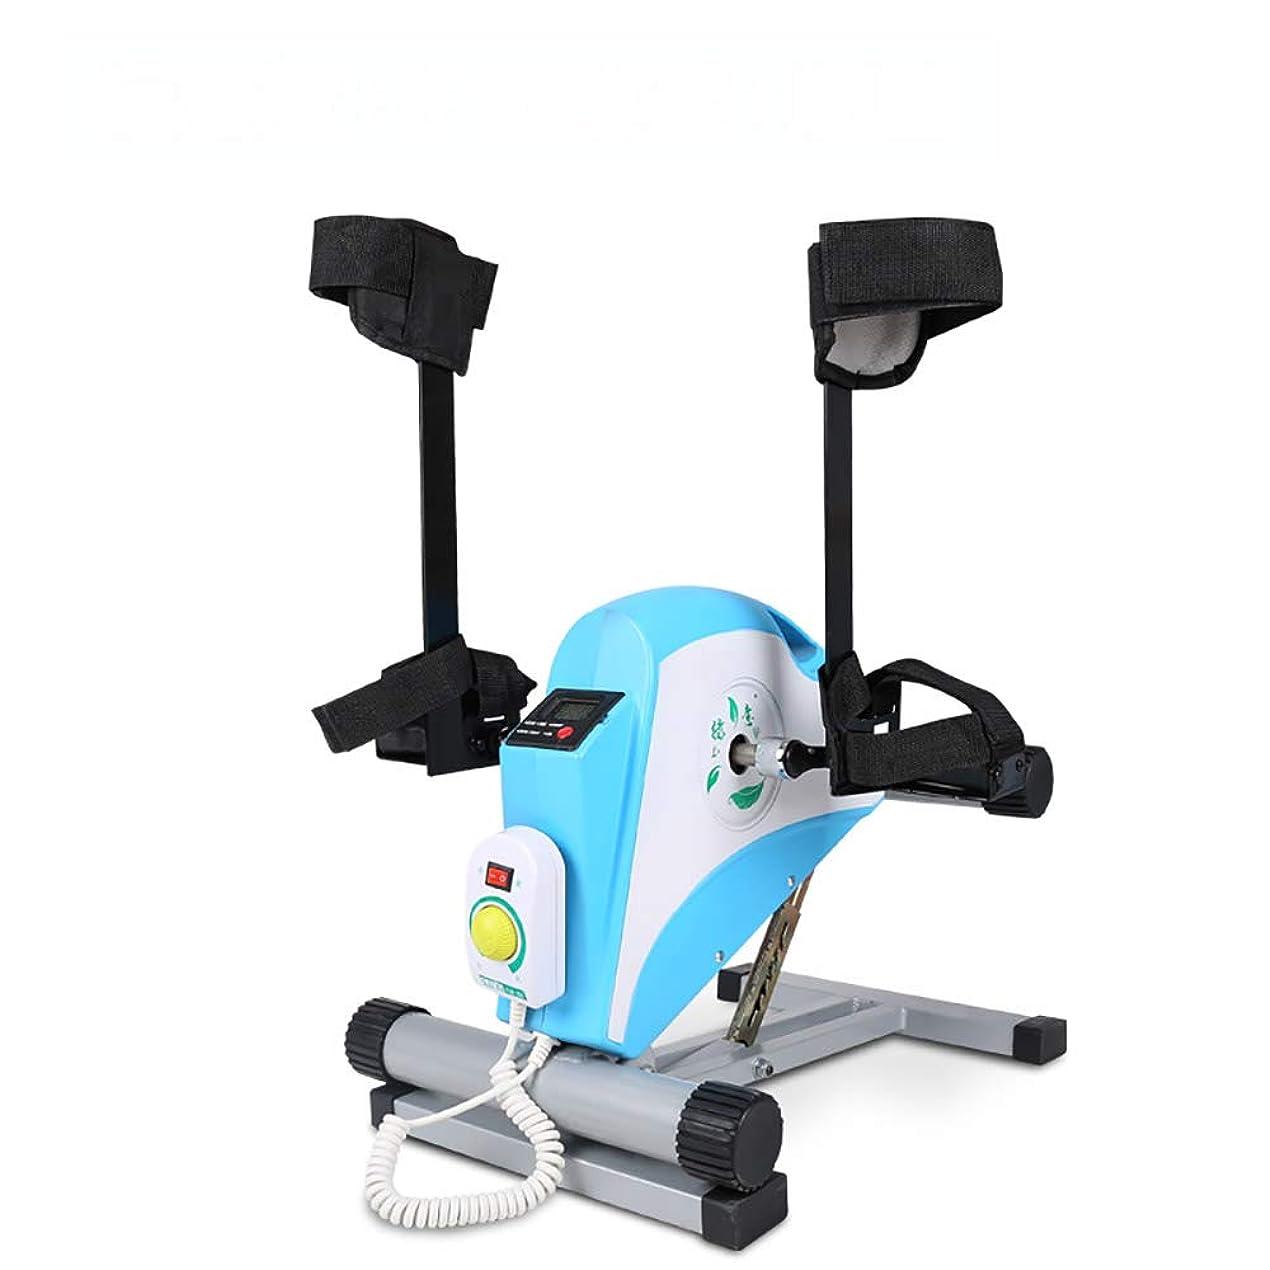 ドル相手遡る電動リハビリマシン自転車、高齢者の上肢と下肢のトレーニング、安定した滑り止め静かで騒音のない